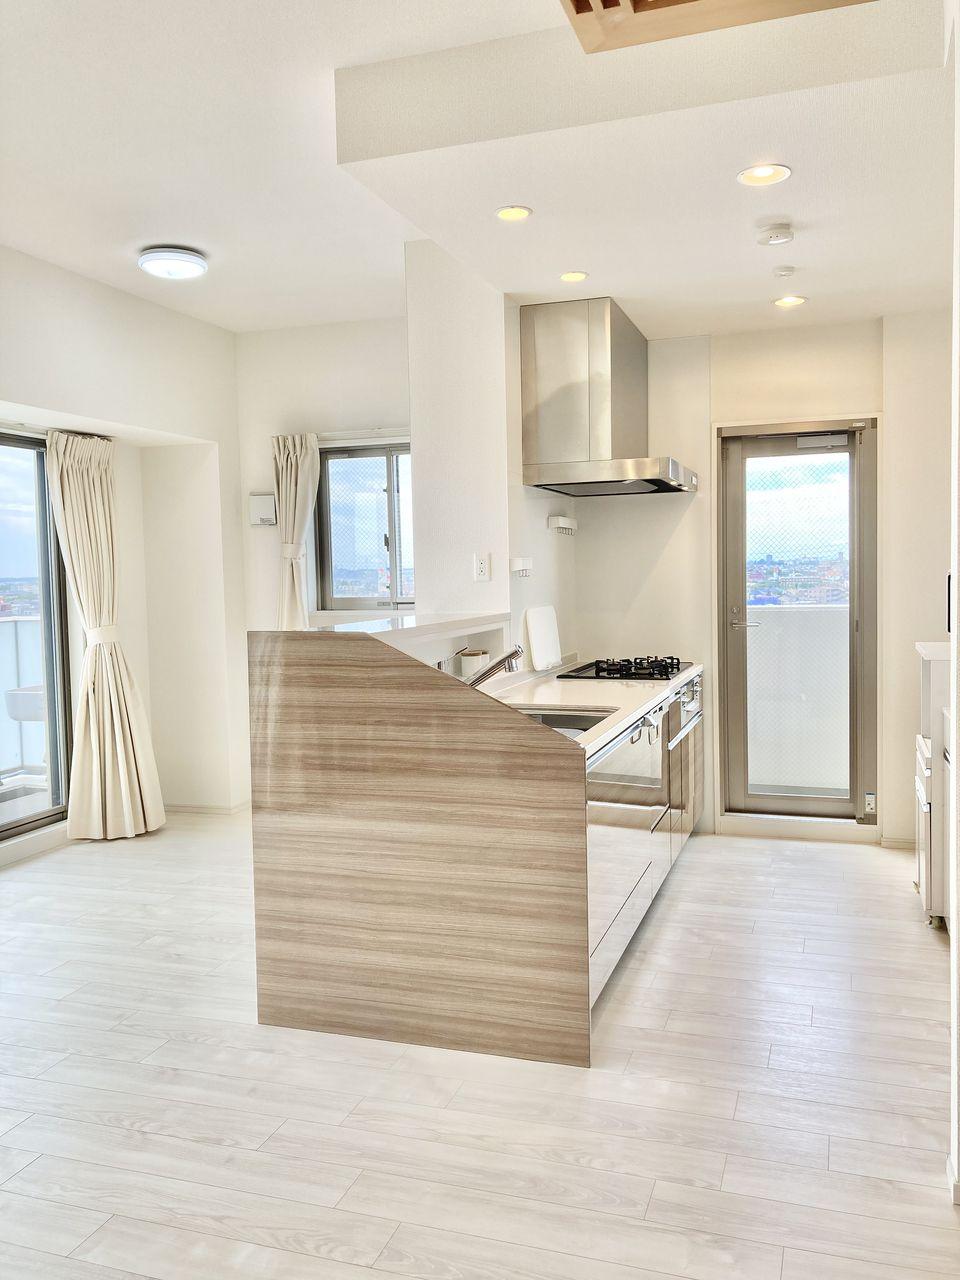 明るく開放的な勝手口付の対面式キッチンです。高機能キッチンシステムを導入しているので、調理の効率化はもとより、お手入れもしやすく家事負担を軽減してくれます。